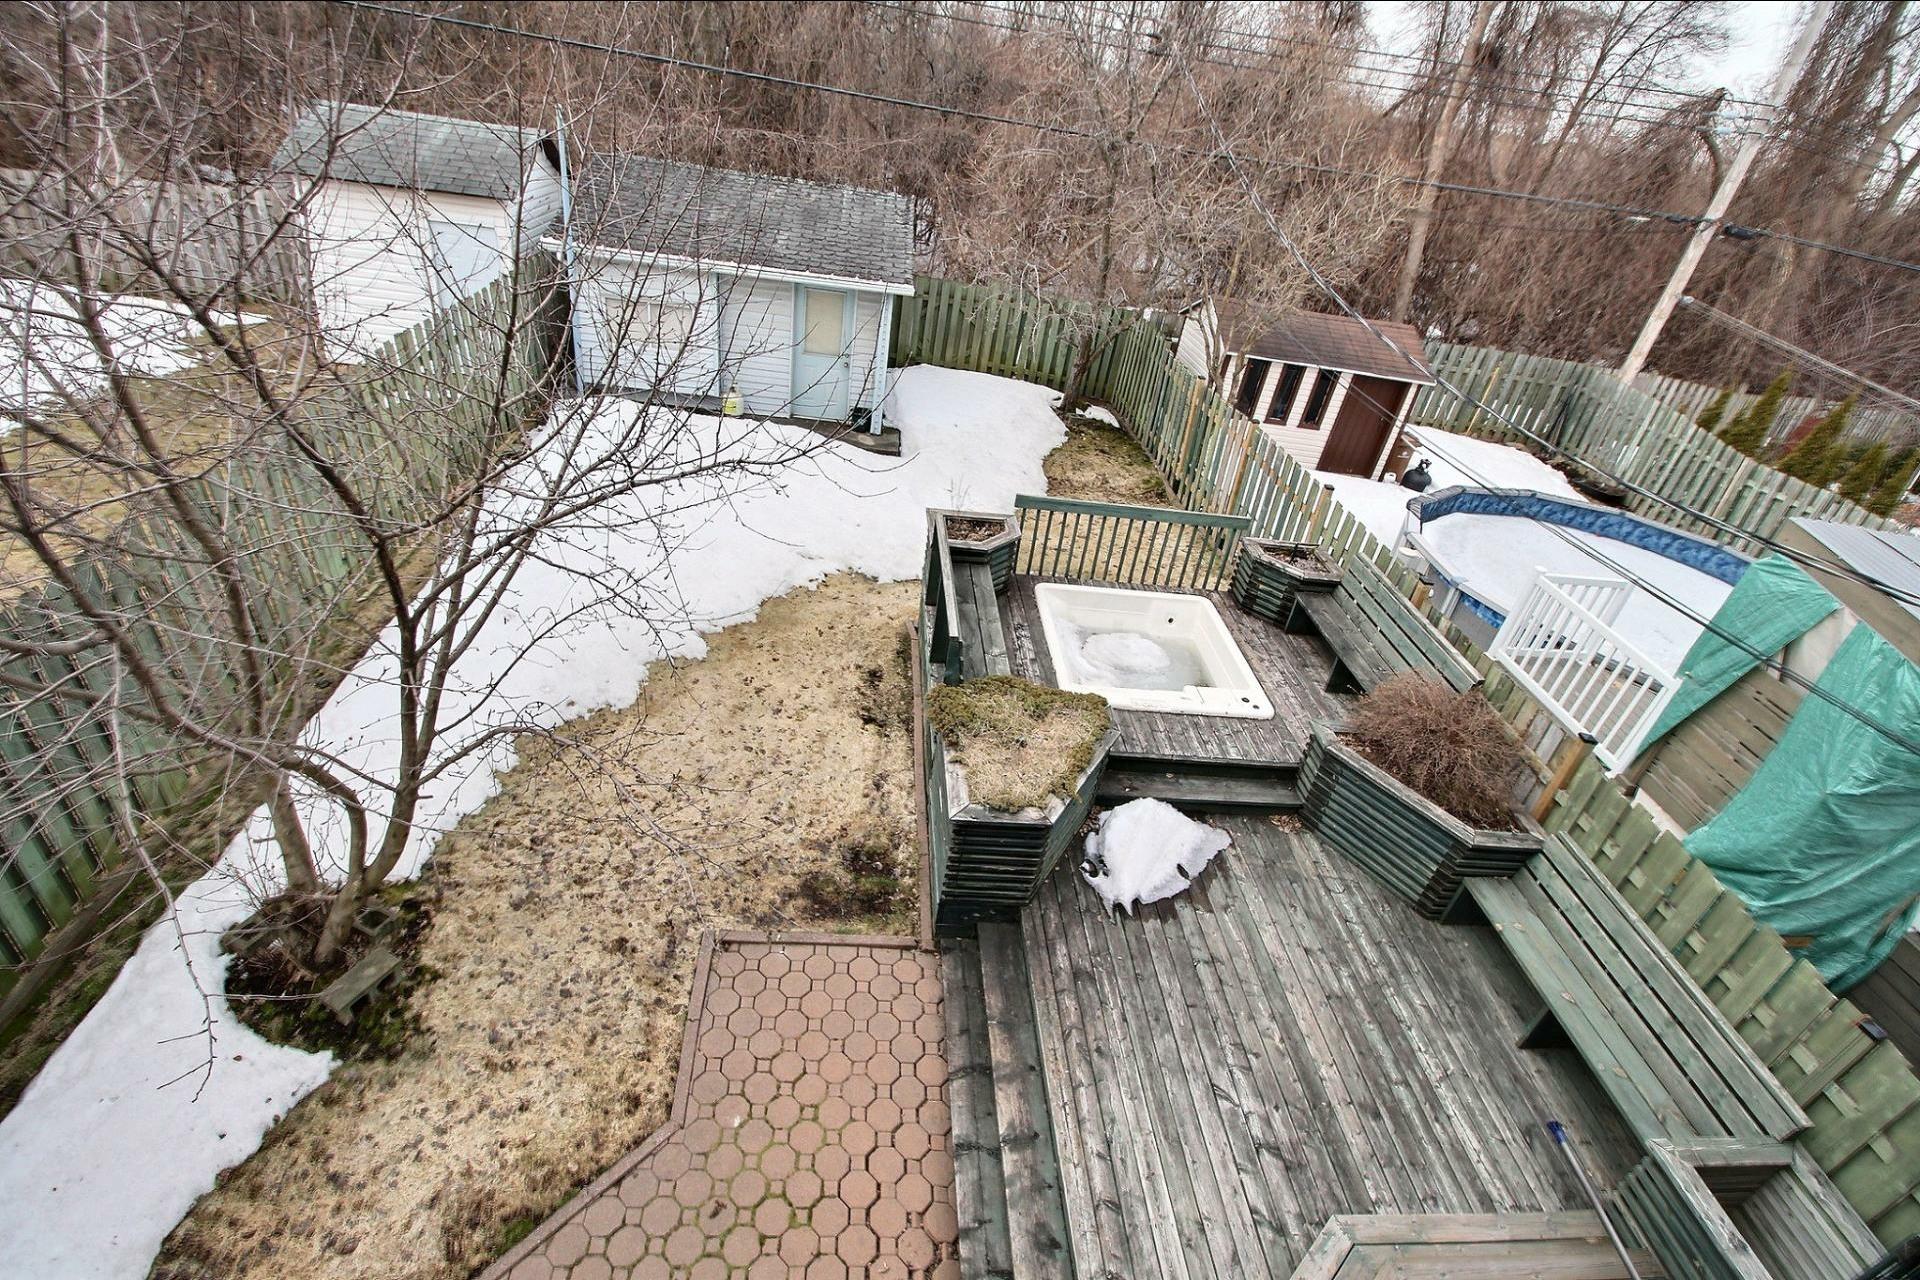 image 20 - Maison À vendre Montréal Rivière-des-Prairies/Pointe-aux-Trembles  - 8 pièces